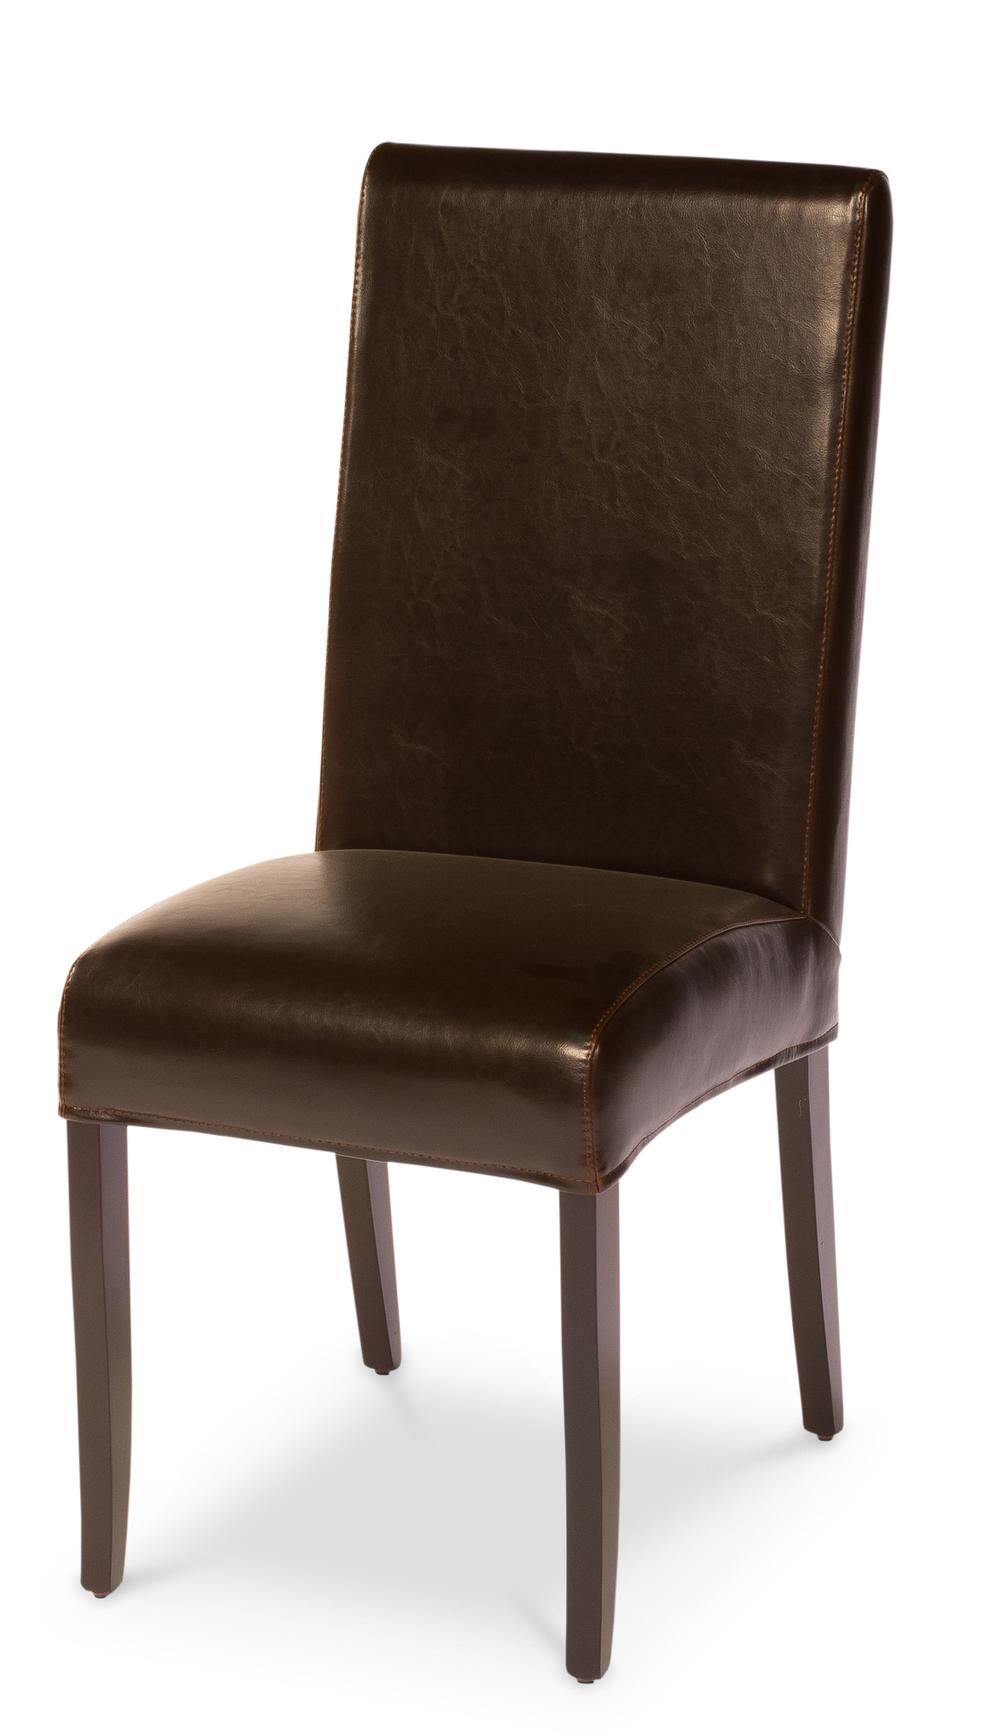 Sarreid - Milano Side Chair